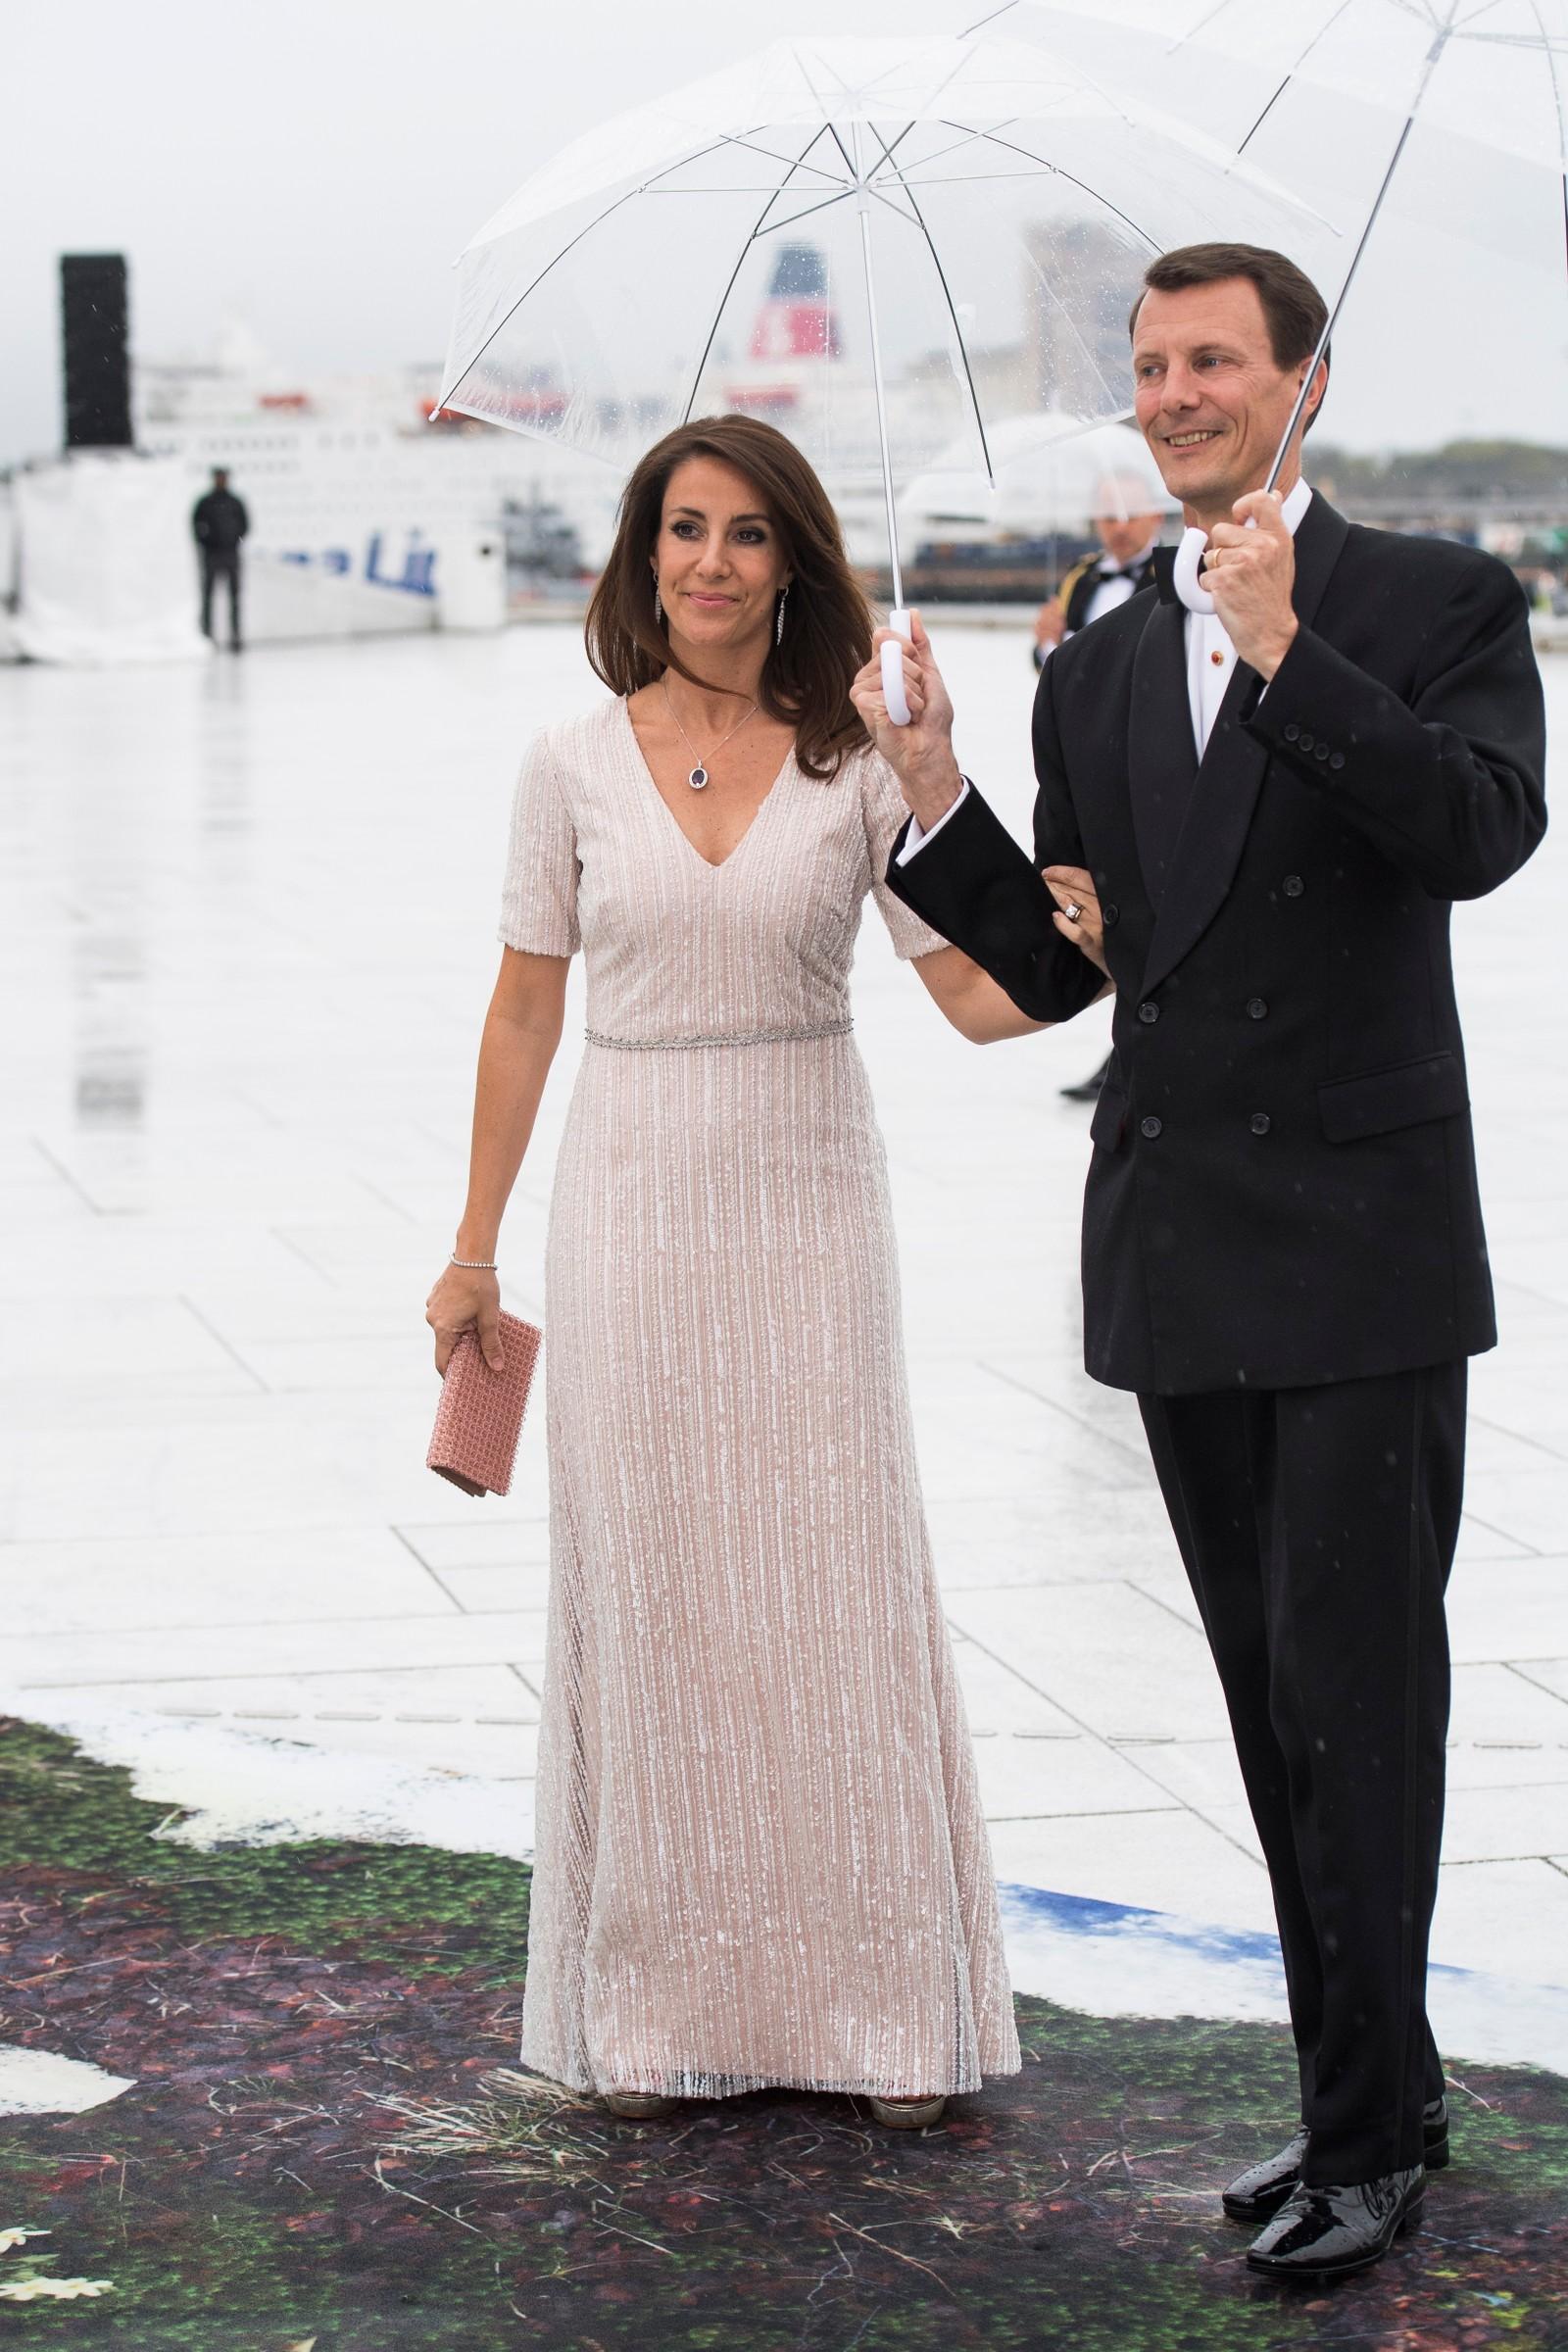 Prins Joachim og Prinsesse Marie av Danmark ankommer festmiddagen i Operaen i anledning kongeparets 80-årsfeiring.